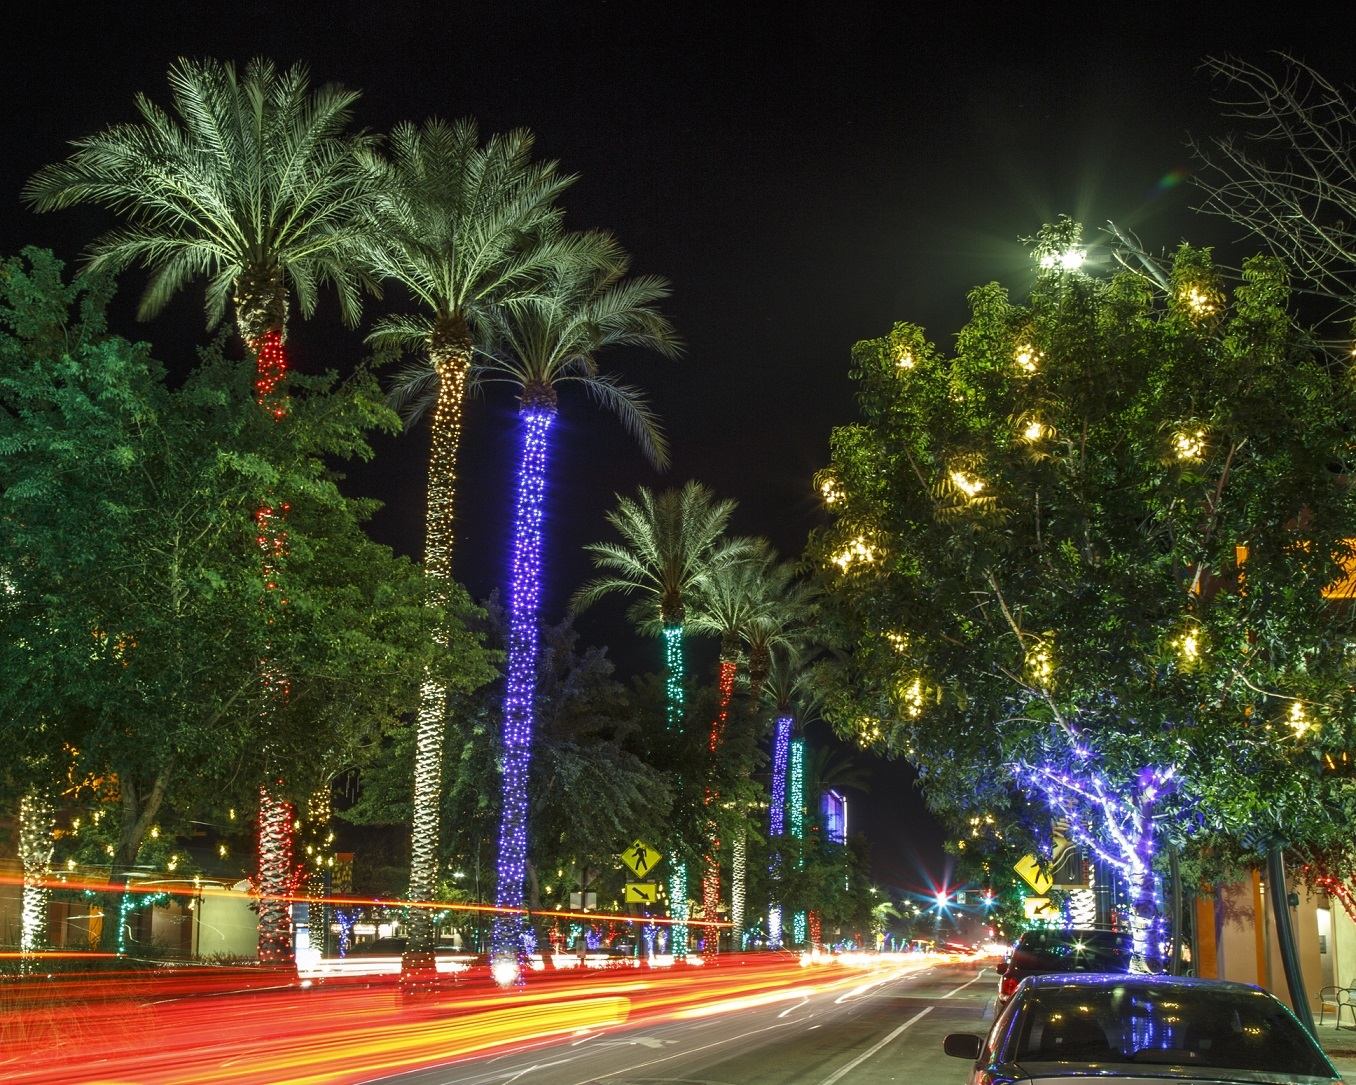 Chandler, Arizona, at Christmas